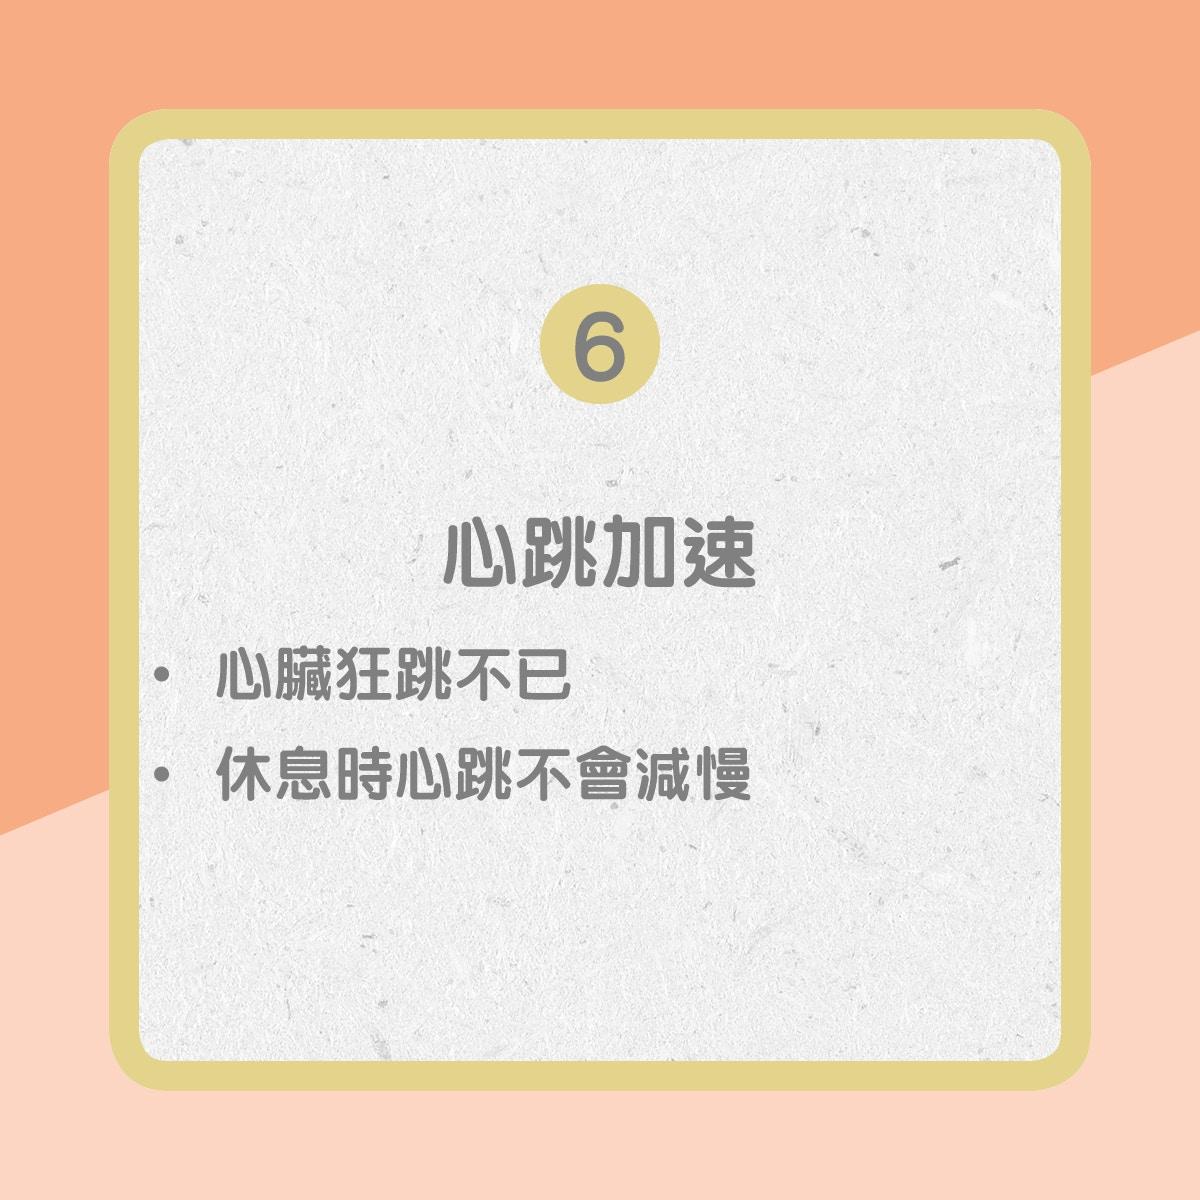 【心臟衰竭病徵】6. 心跳加速(01製圖)